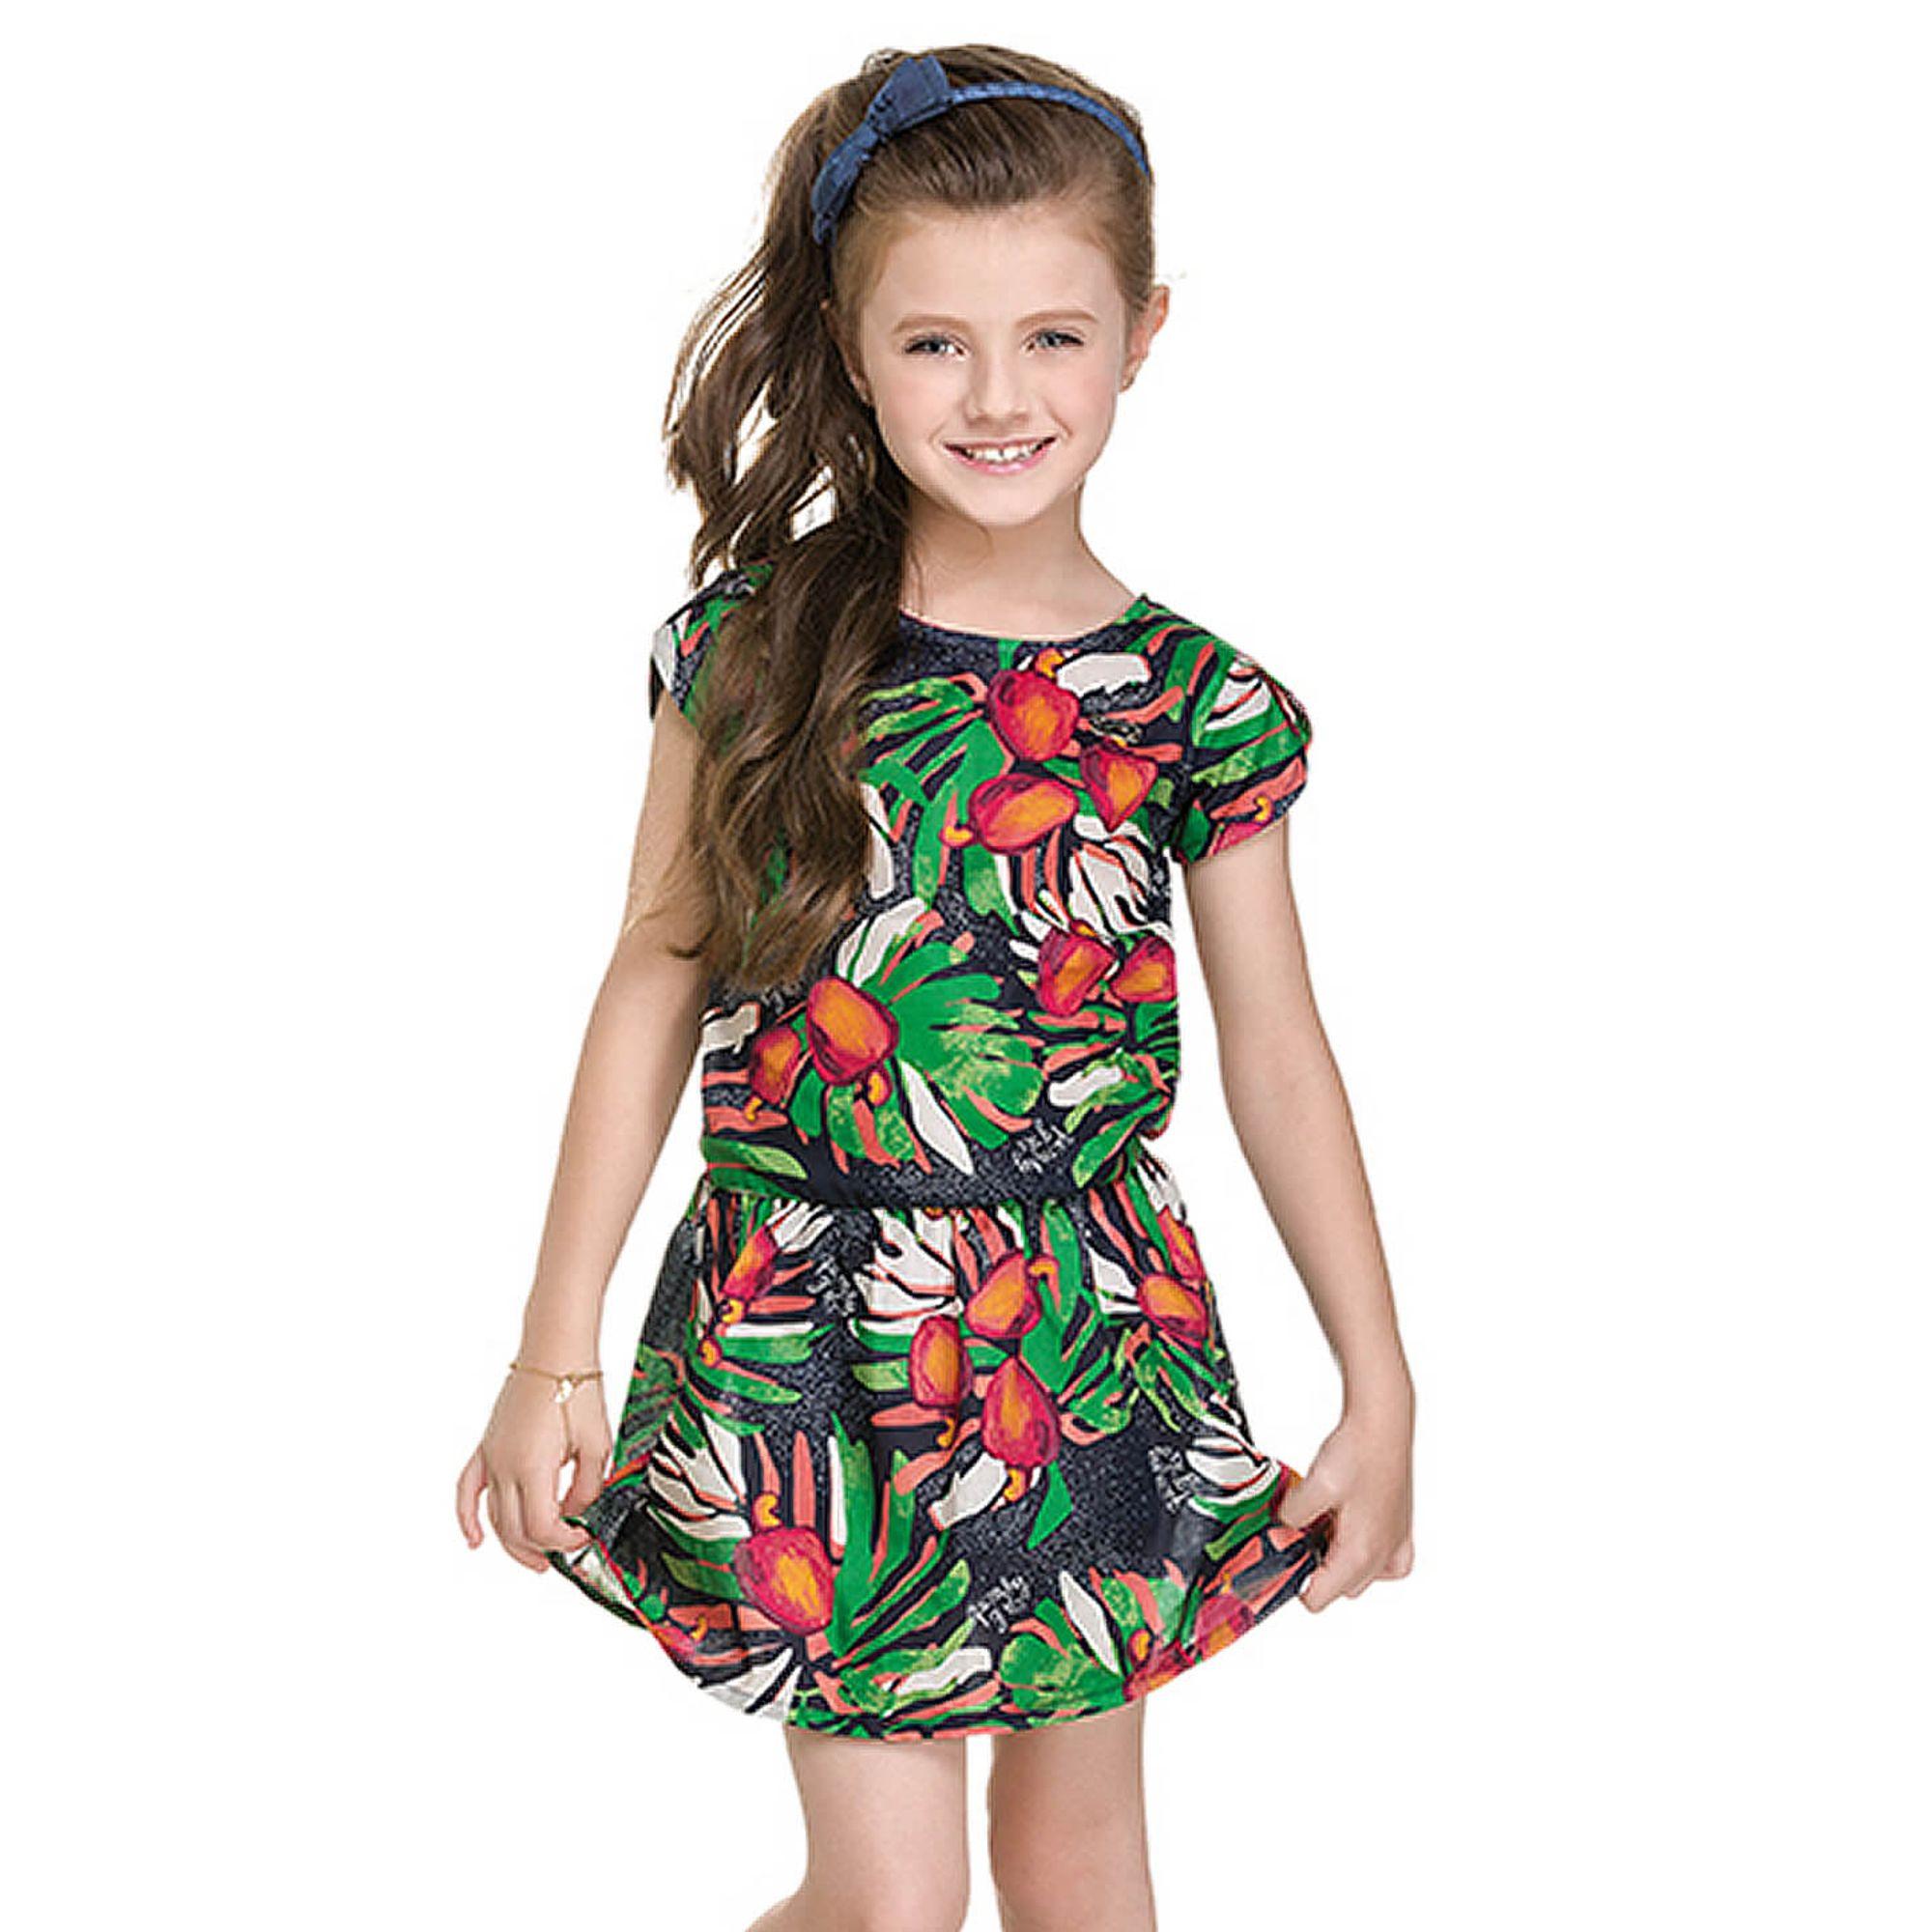 vestido-infantil-viscose-estampa-azul-marinho-verde-e-pink-1